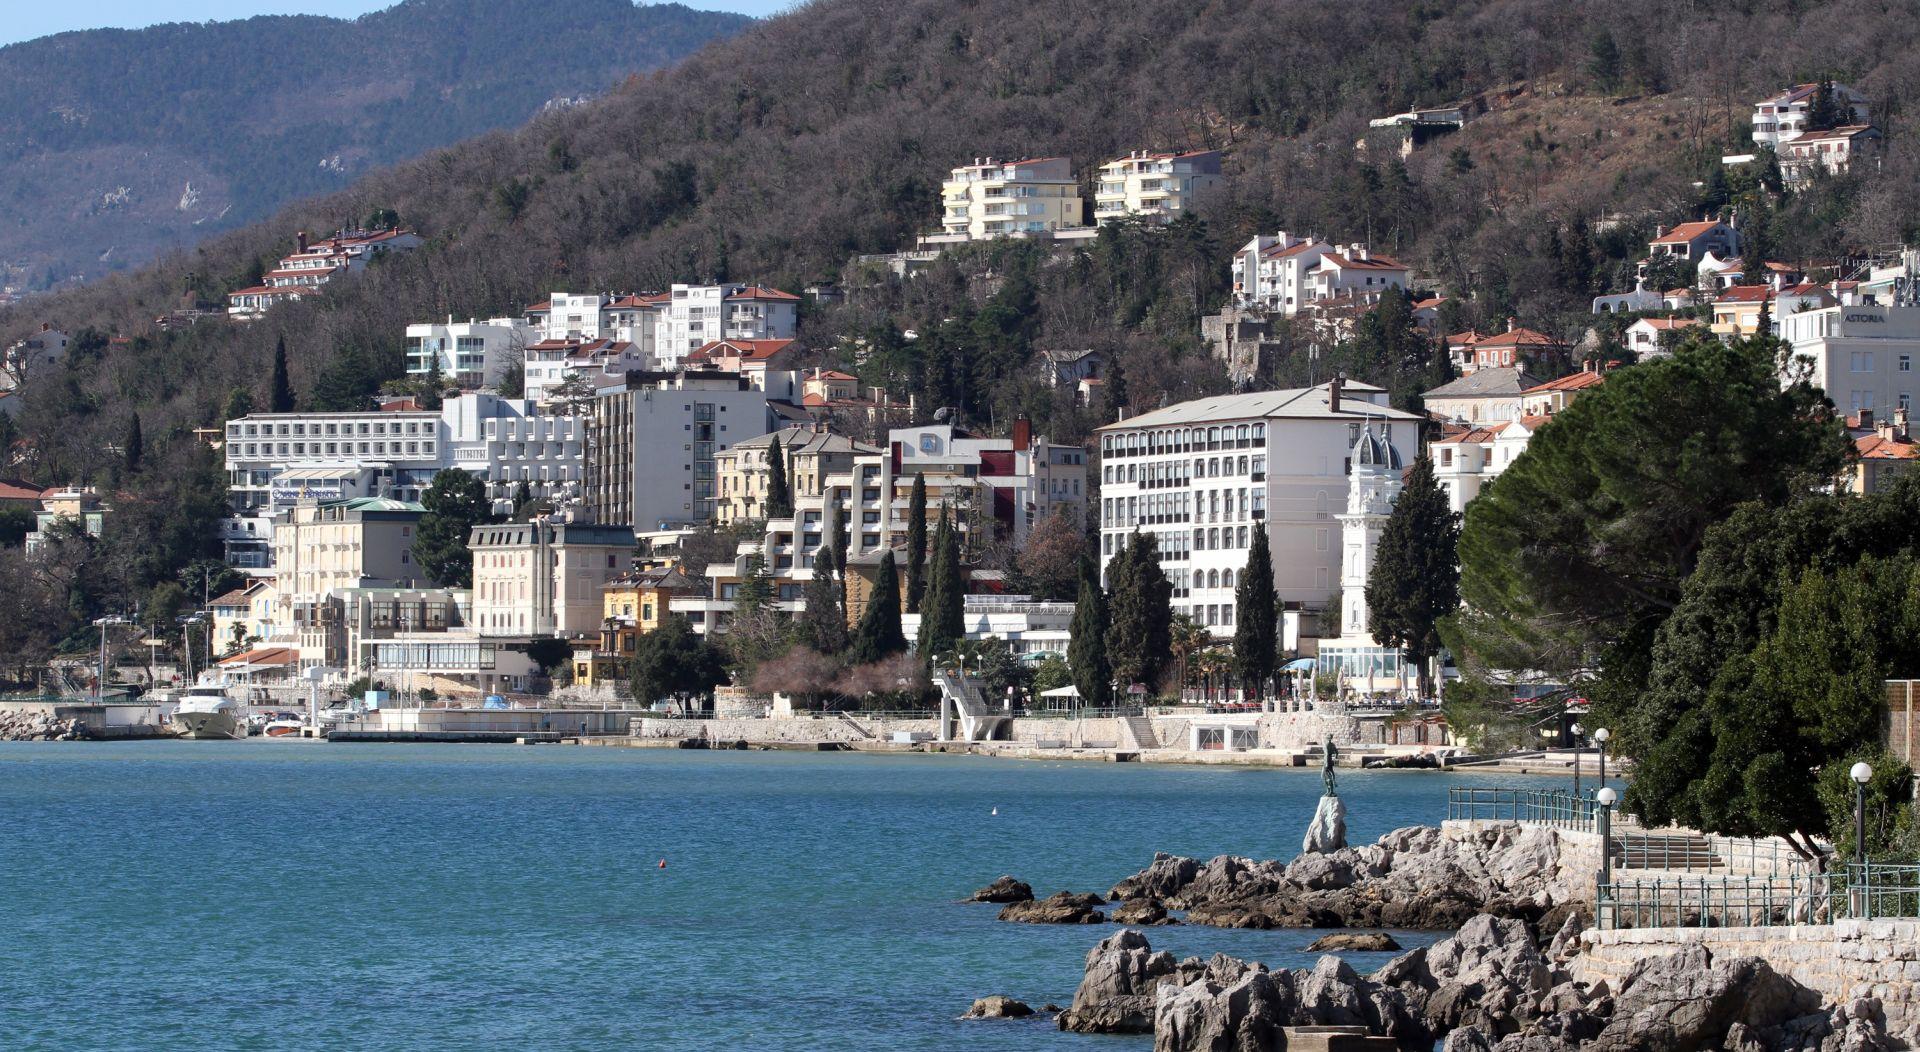 Turistički promet Grada Opatije u kolovozu i razdoblju siječanj-kolovoz